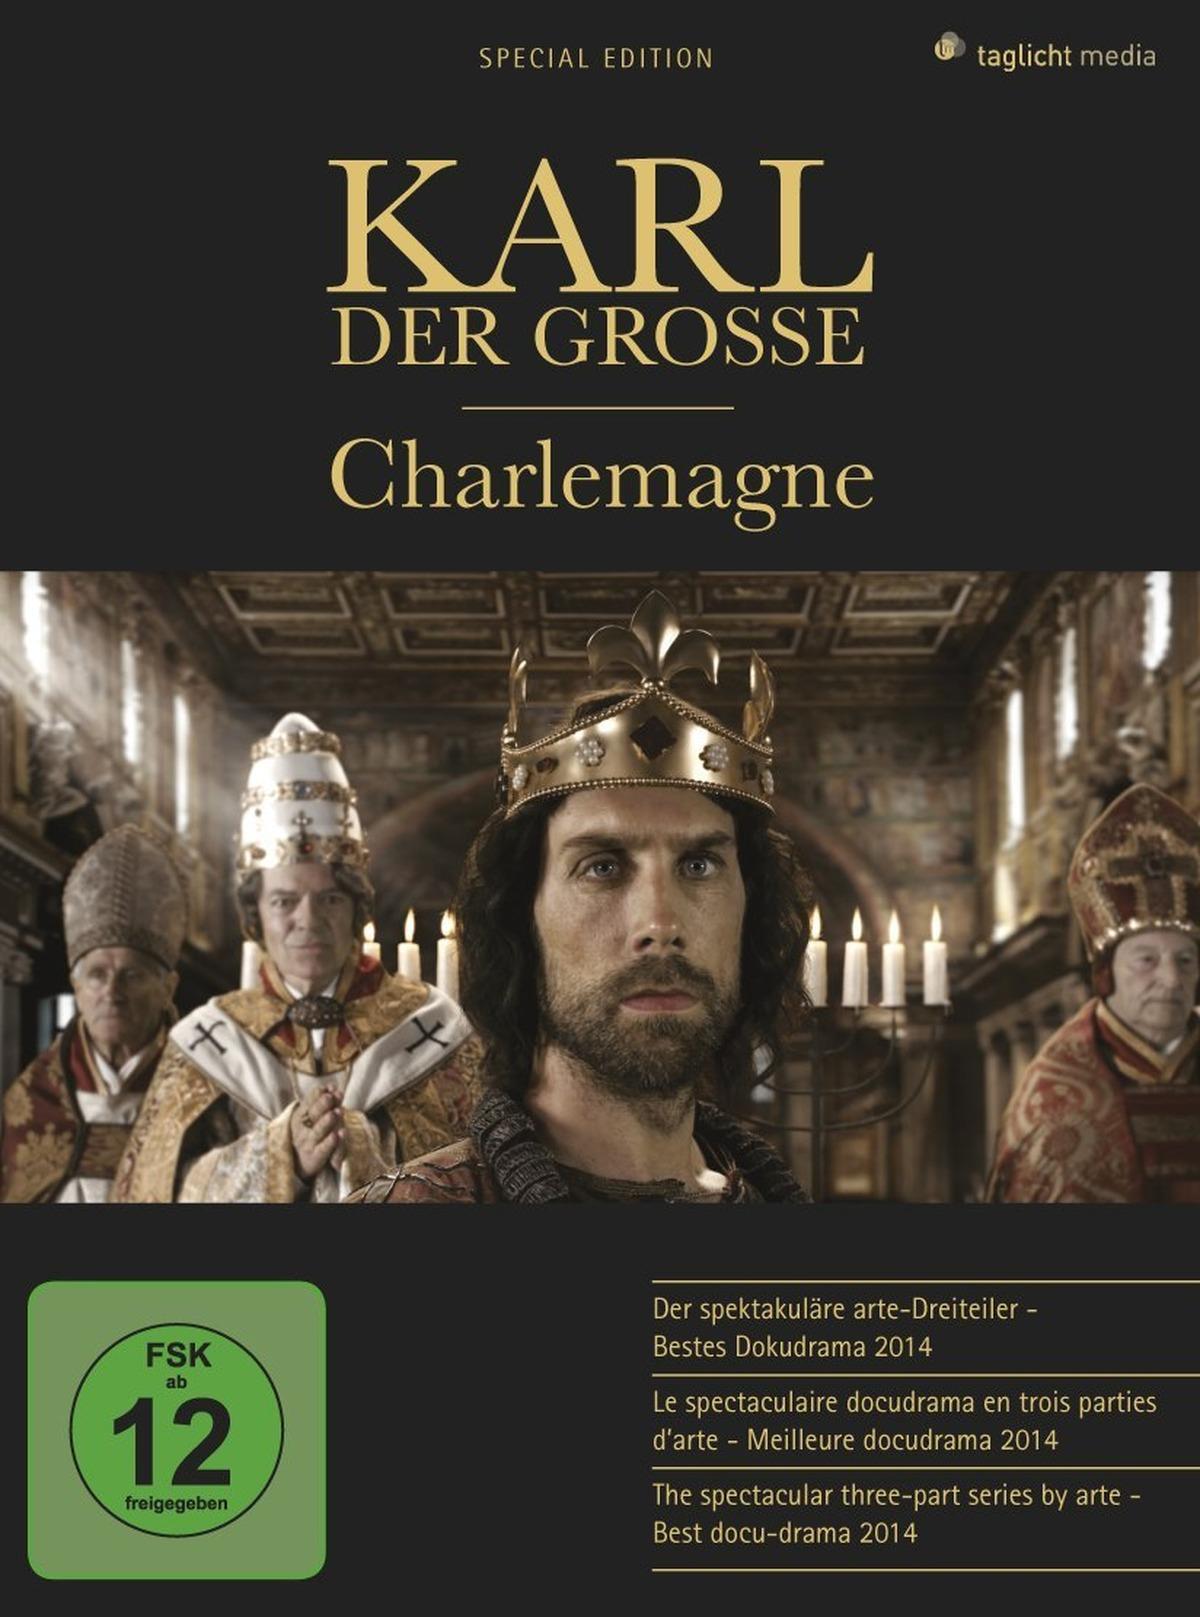 Мифы и правда о Карле Великом - Karl der Grosse